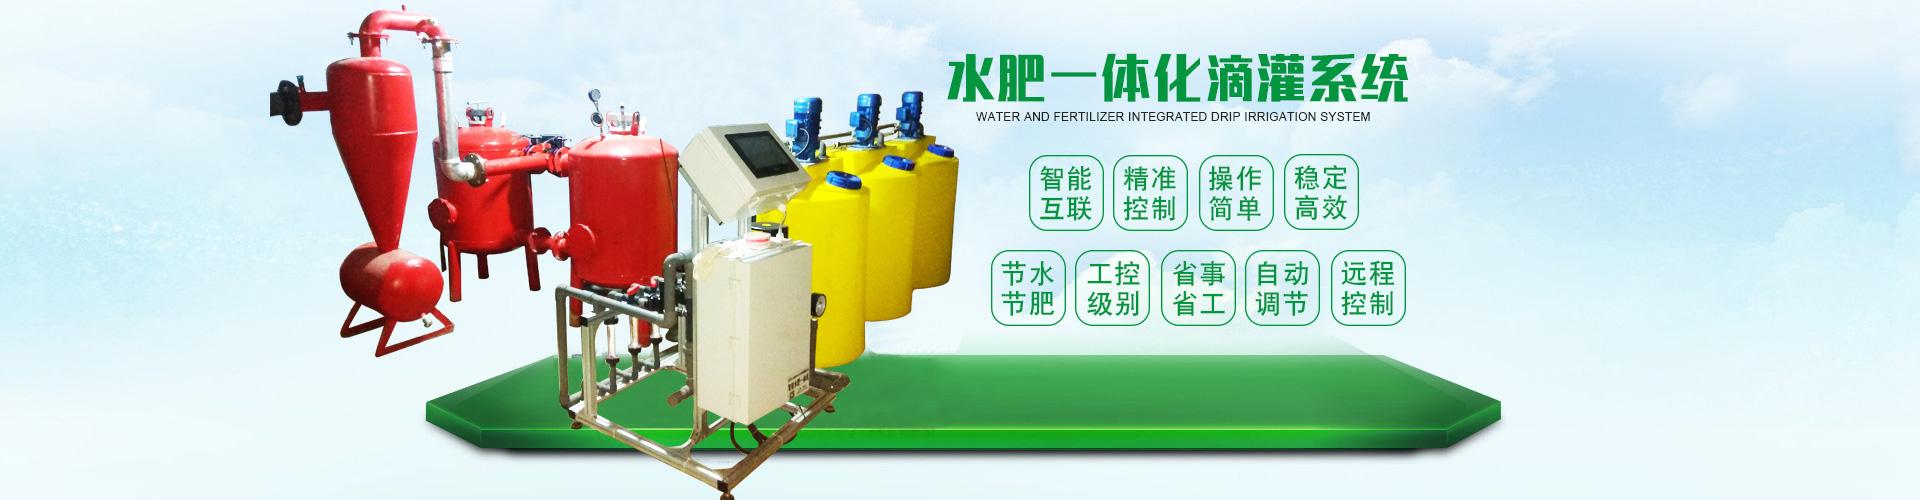 山东兴河节水灌溉科技有限公司机